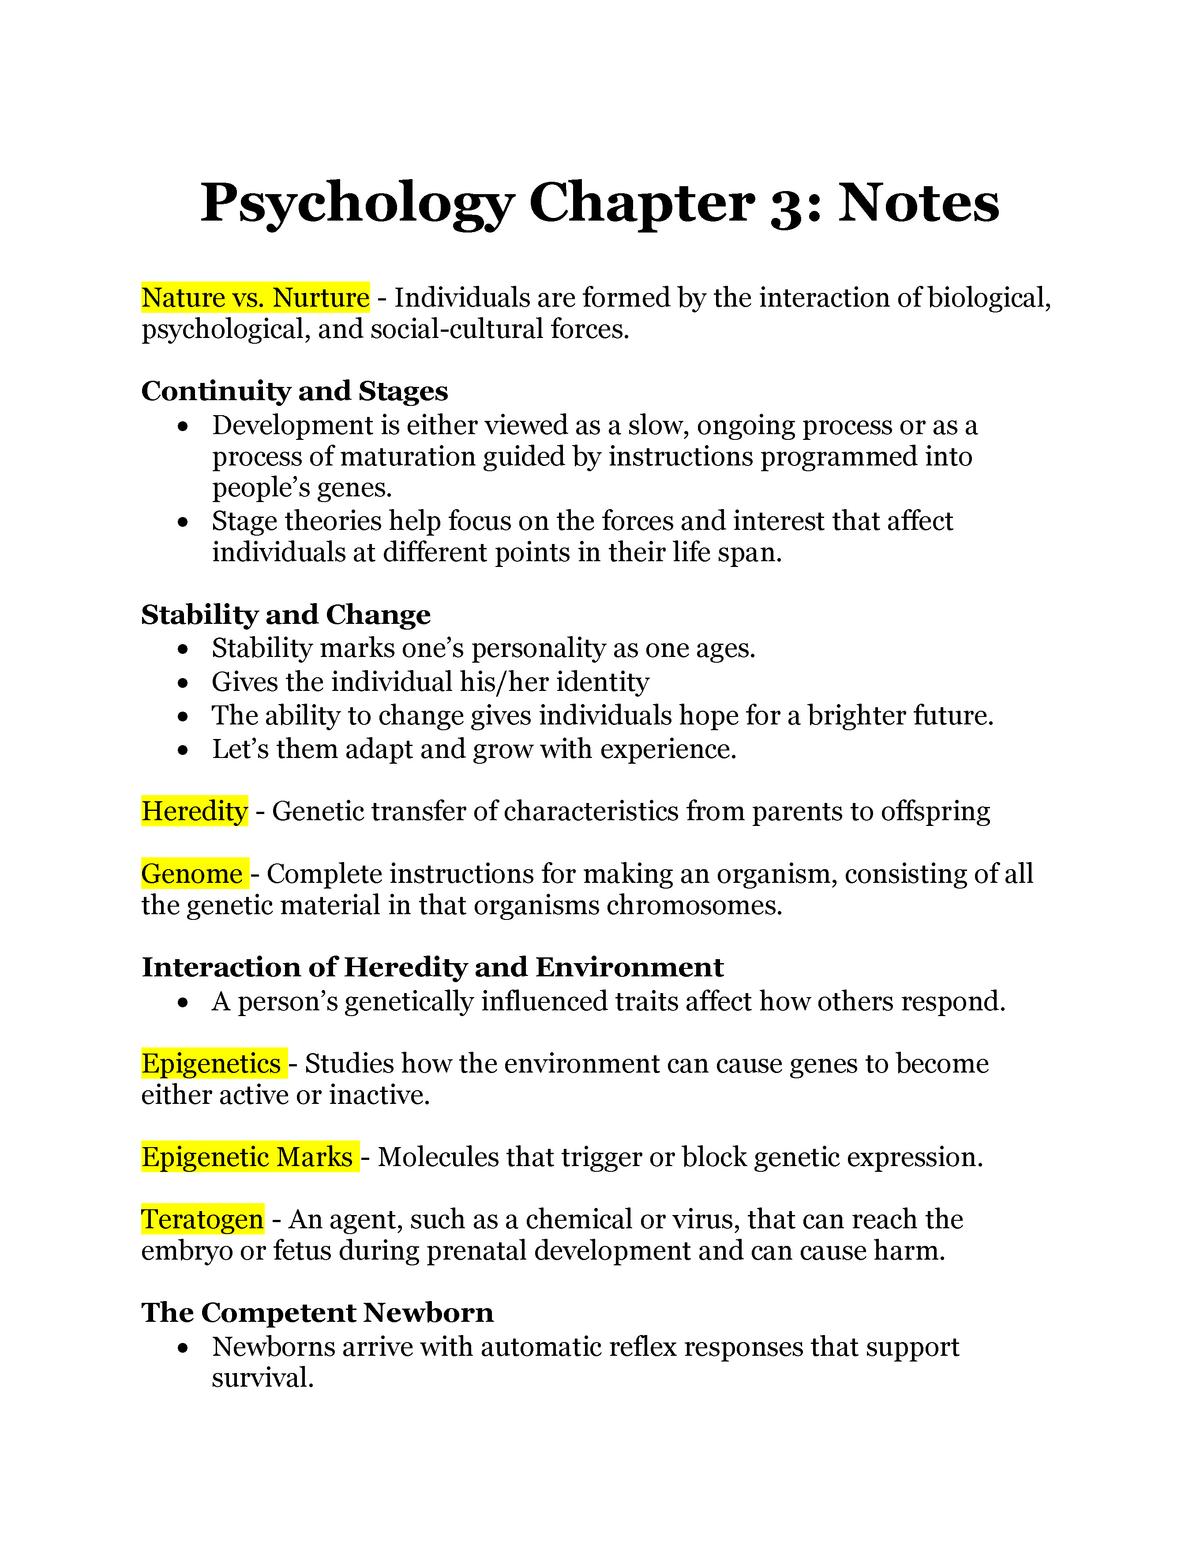 Psychology Chapter 3 Notes - PSY 2012 - HCC - StuDocu